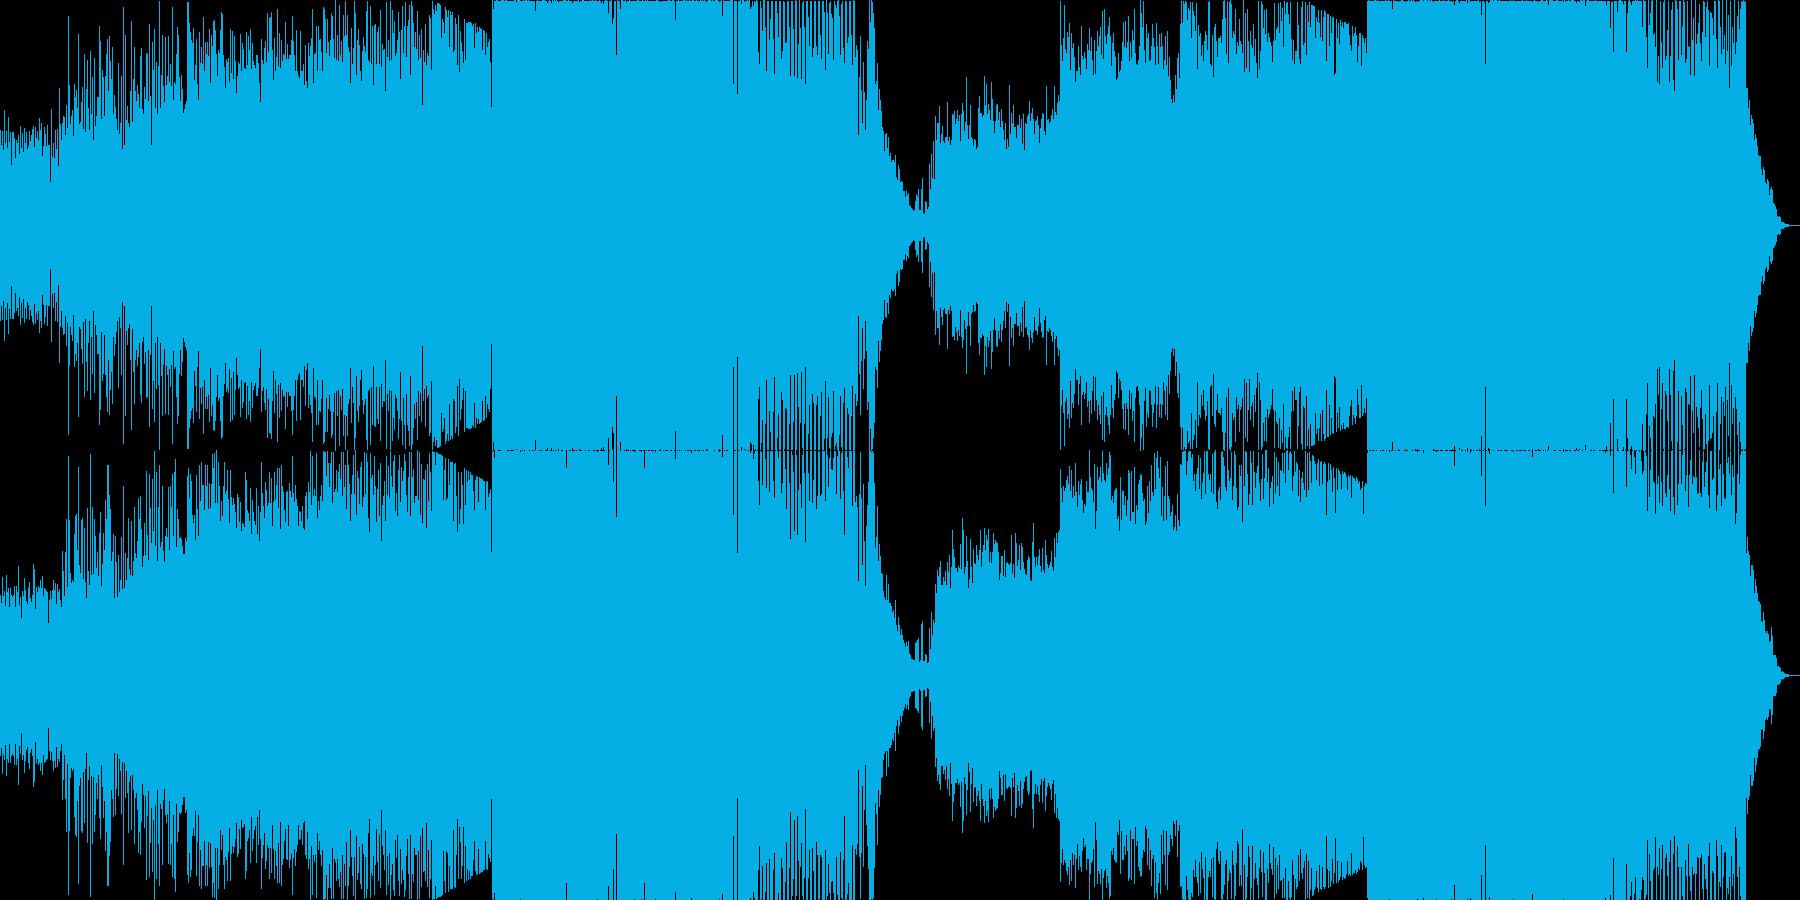 ダンスミュージック(EDM)の再生済みの波形